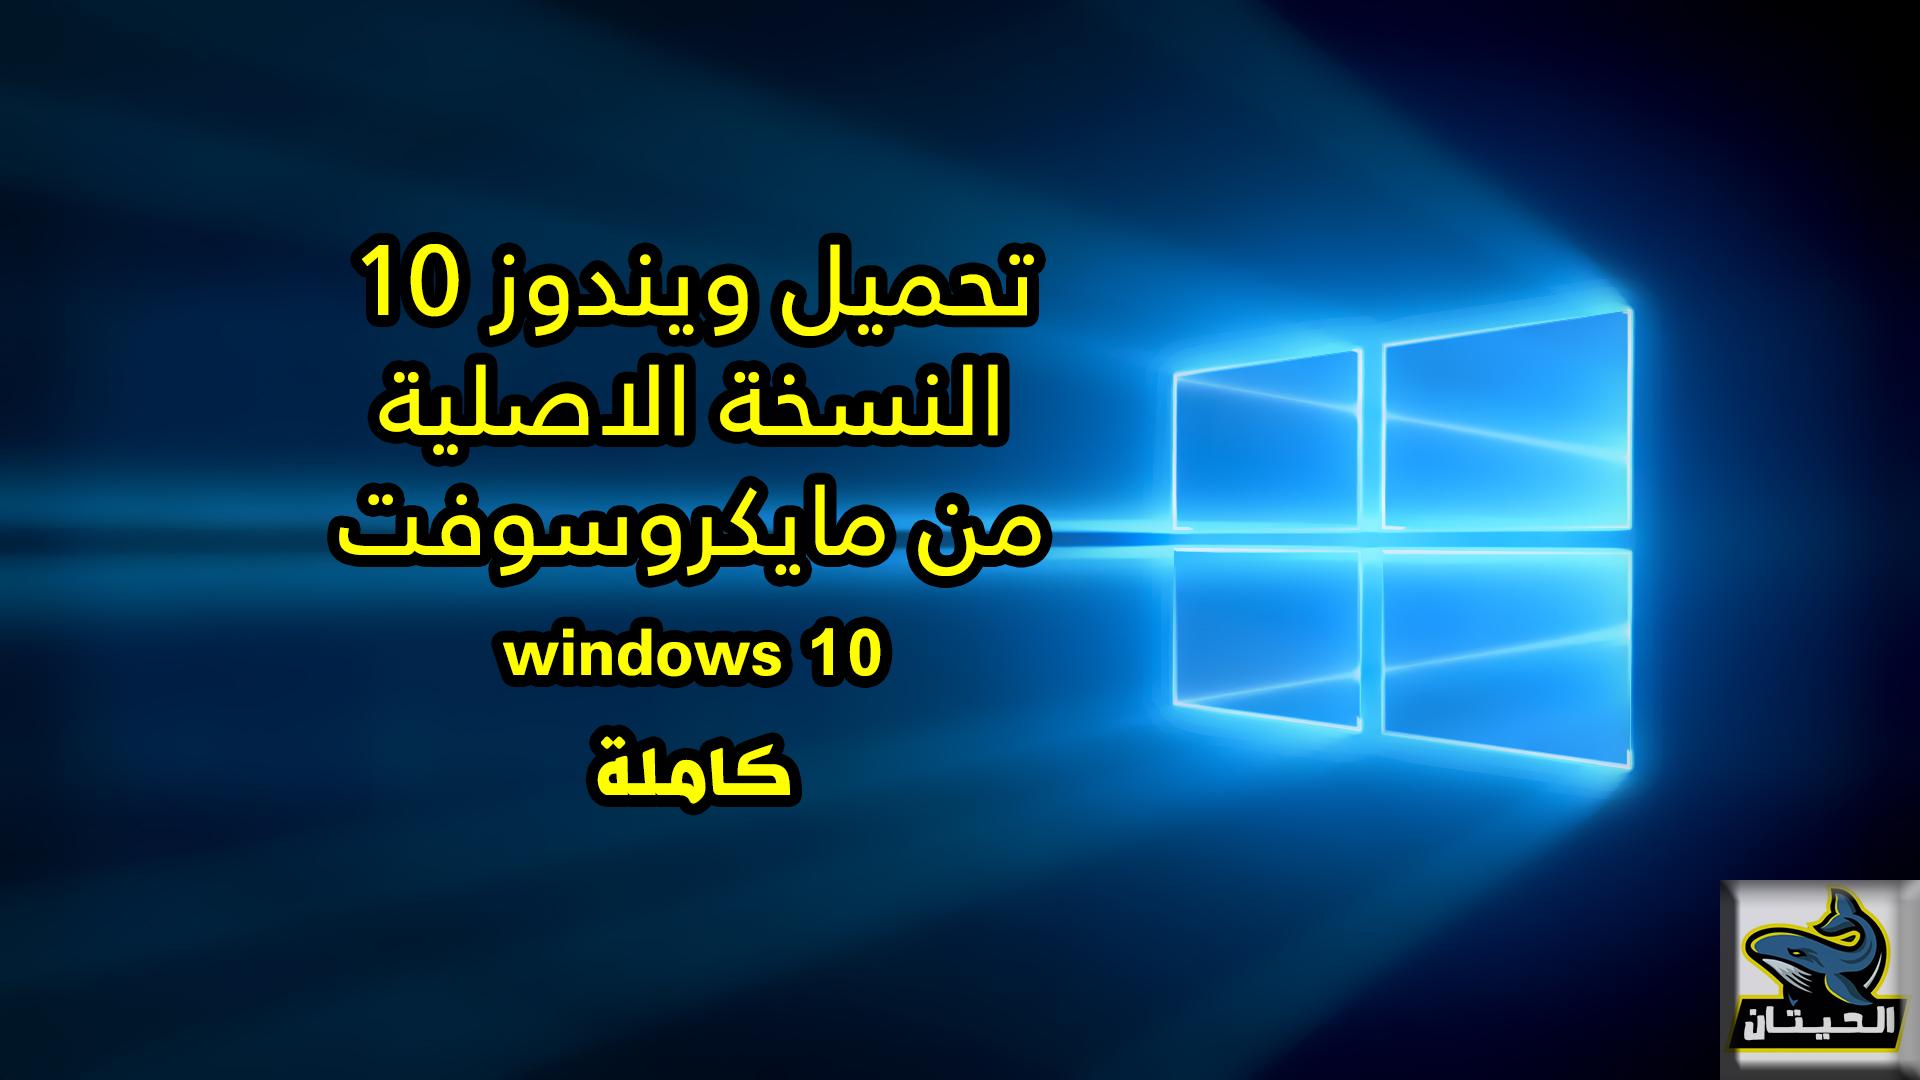 تحميل ويندوز 10 الاصلية كاملة Windows 10 + شرح طريقة التثبيت بالصور